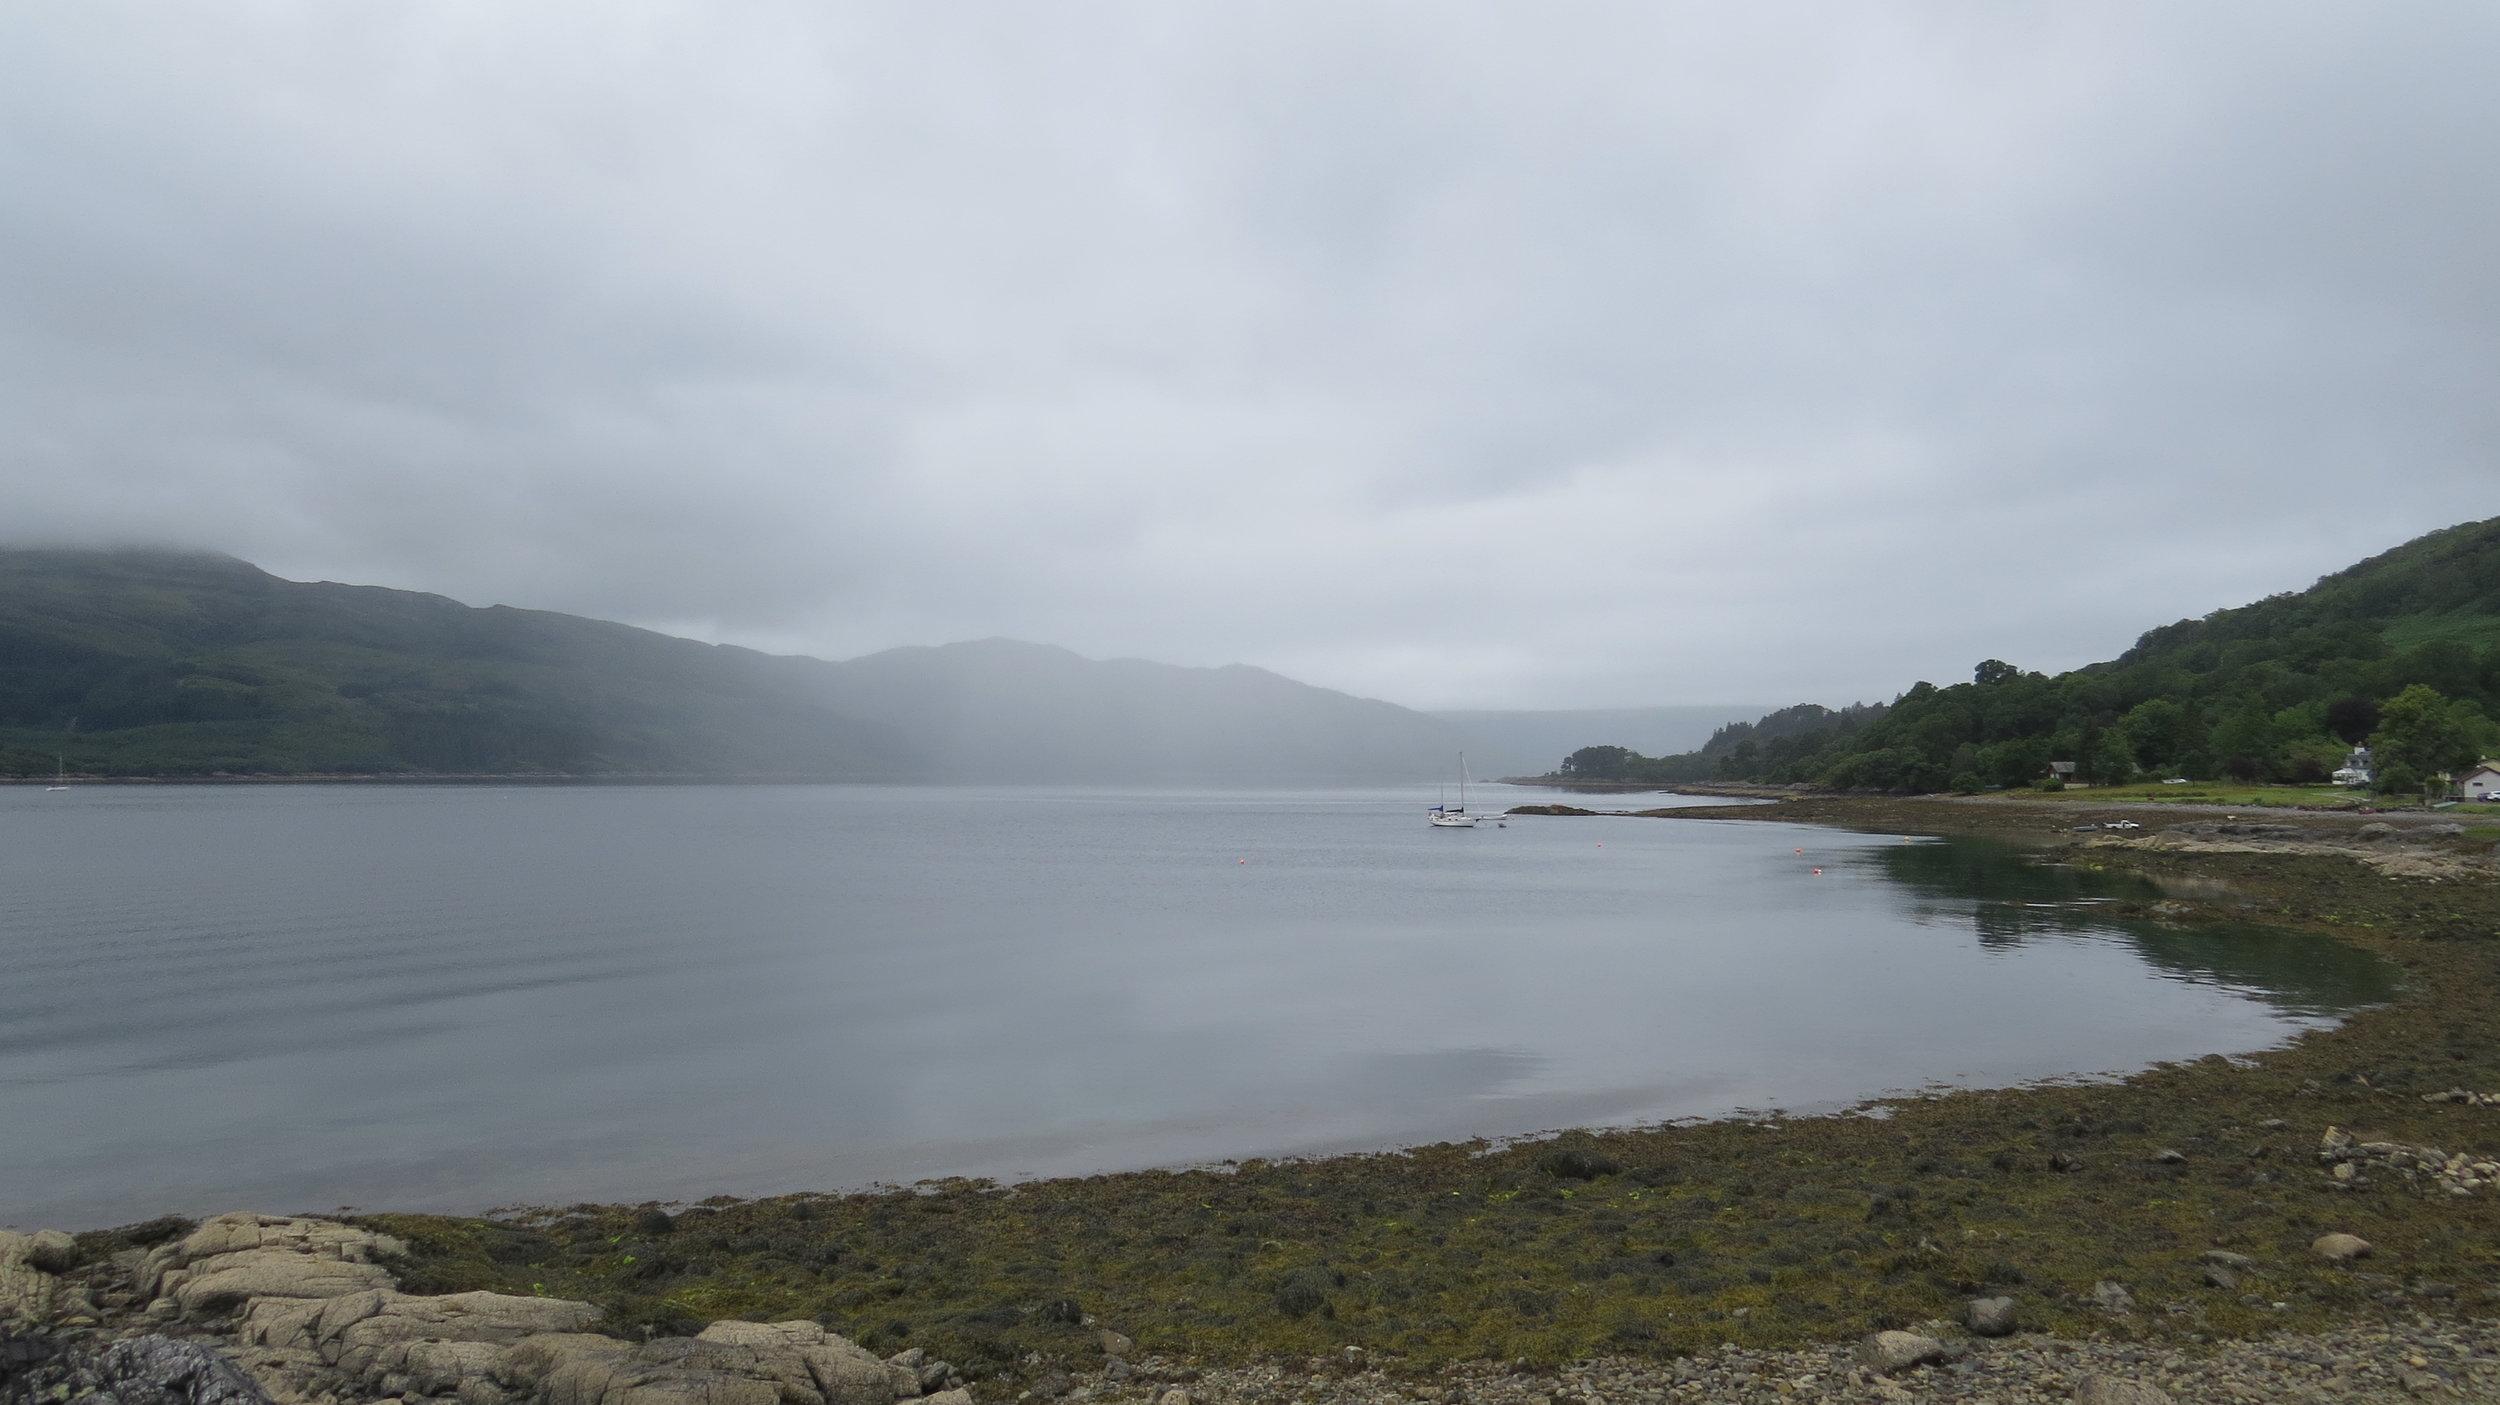 Slighty less Murky Loch Sunart